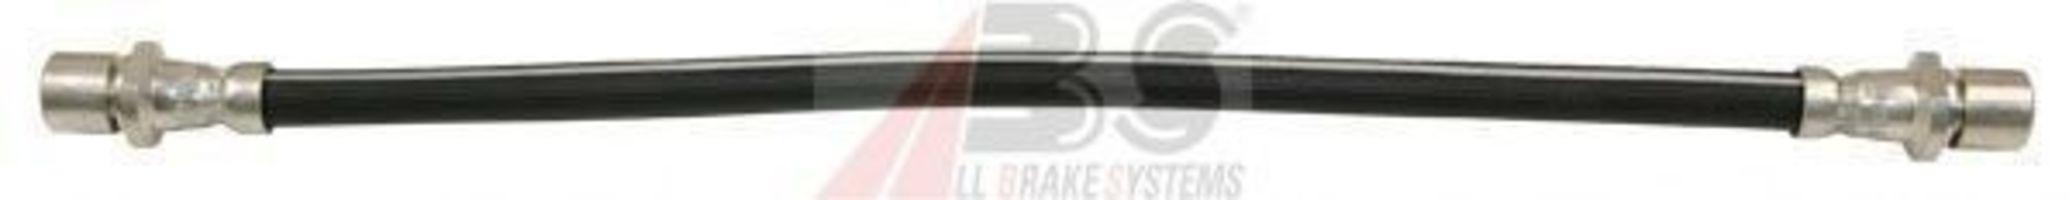 Шланг тормозной A.B.S. SL 5866